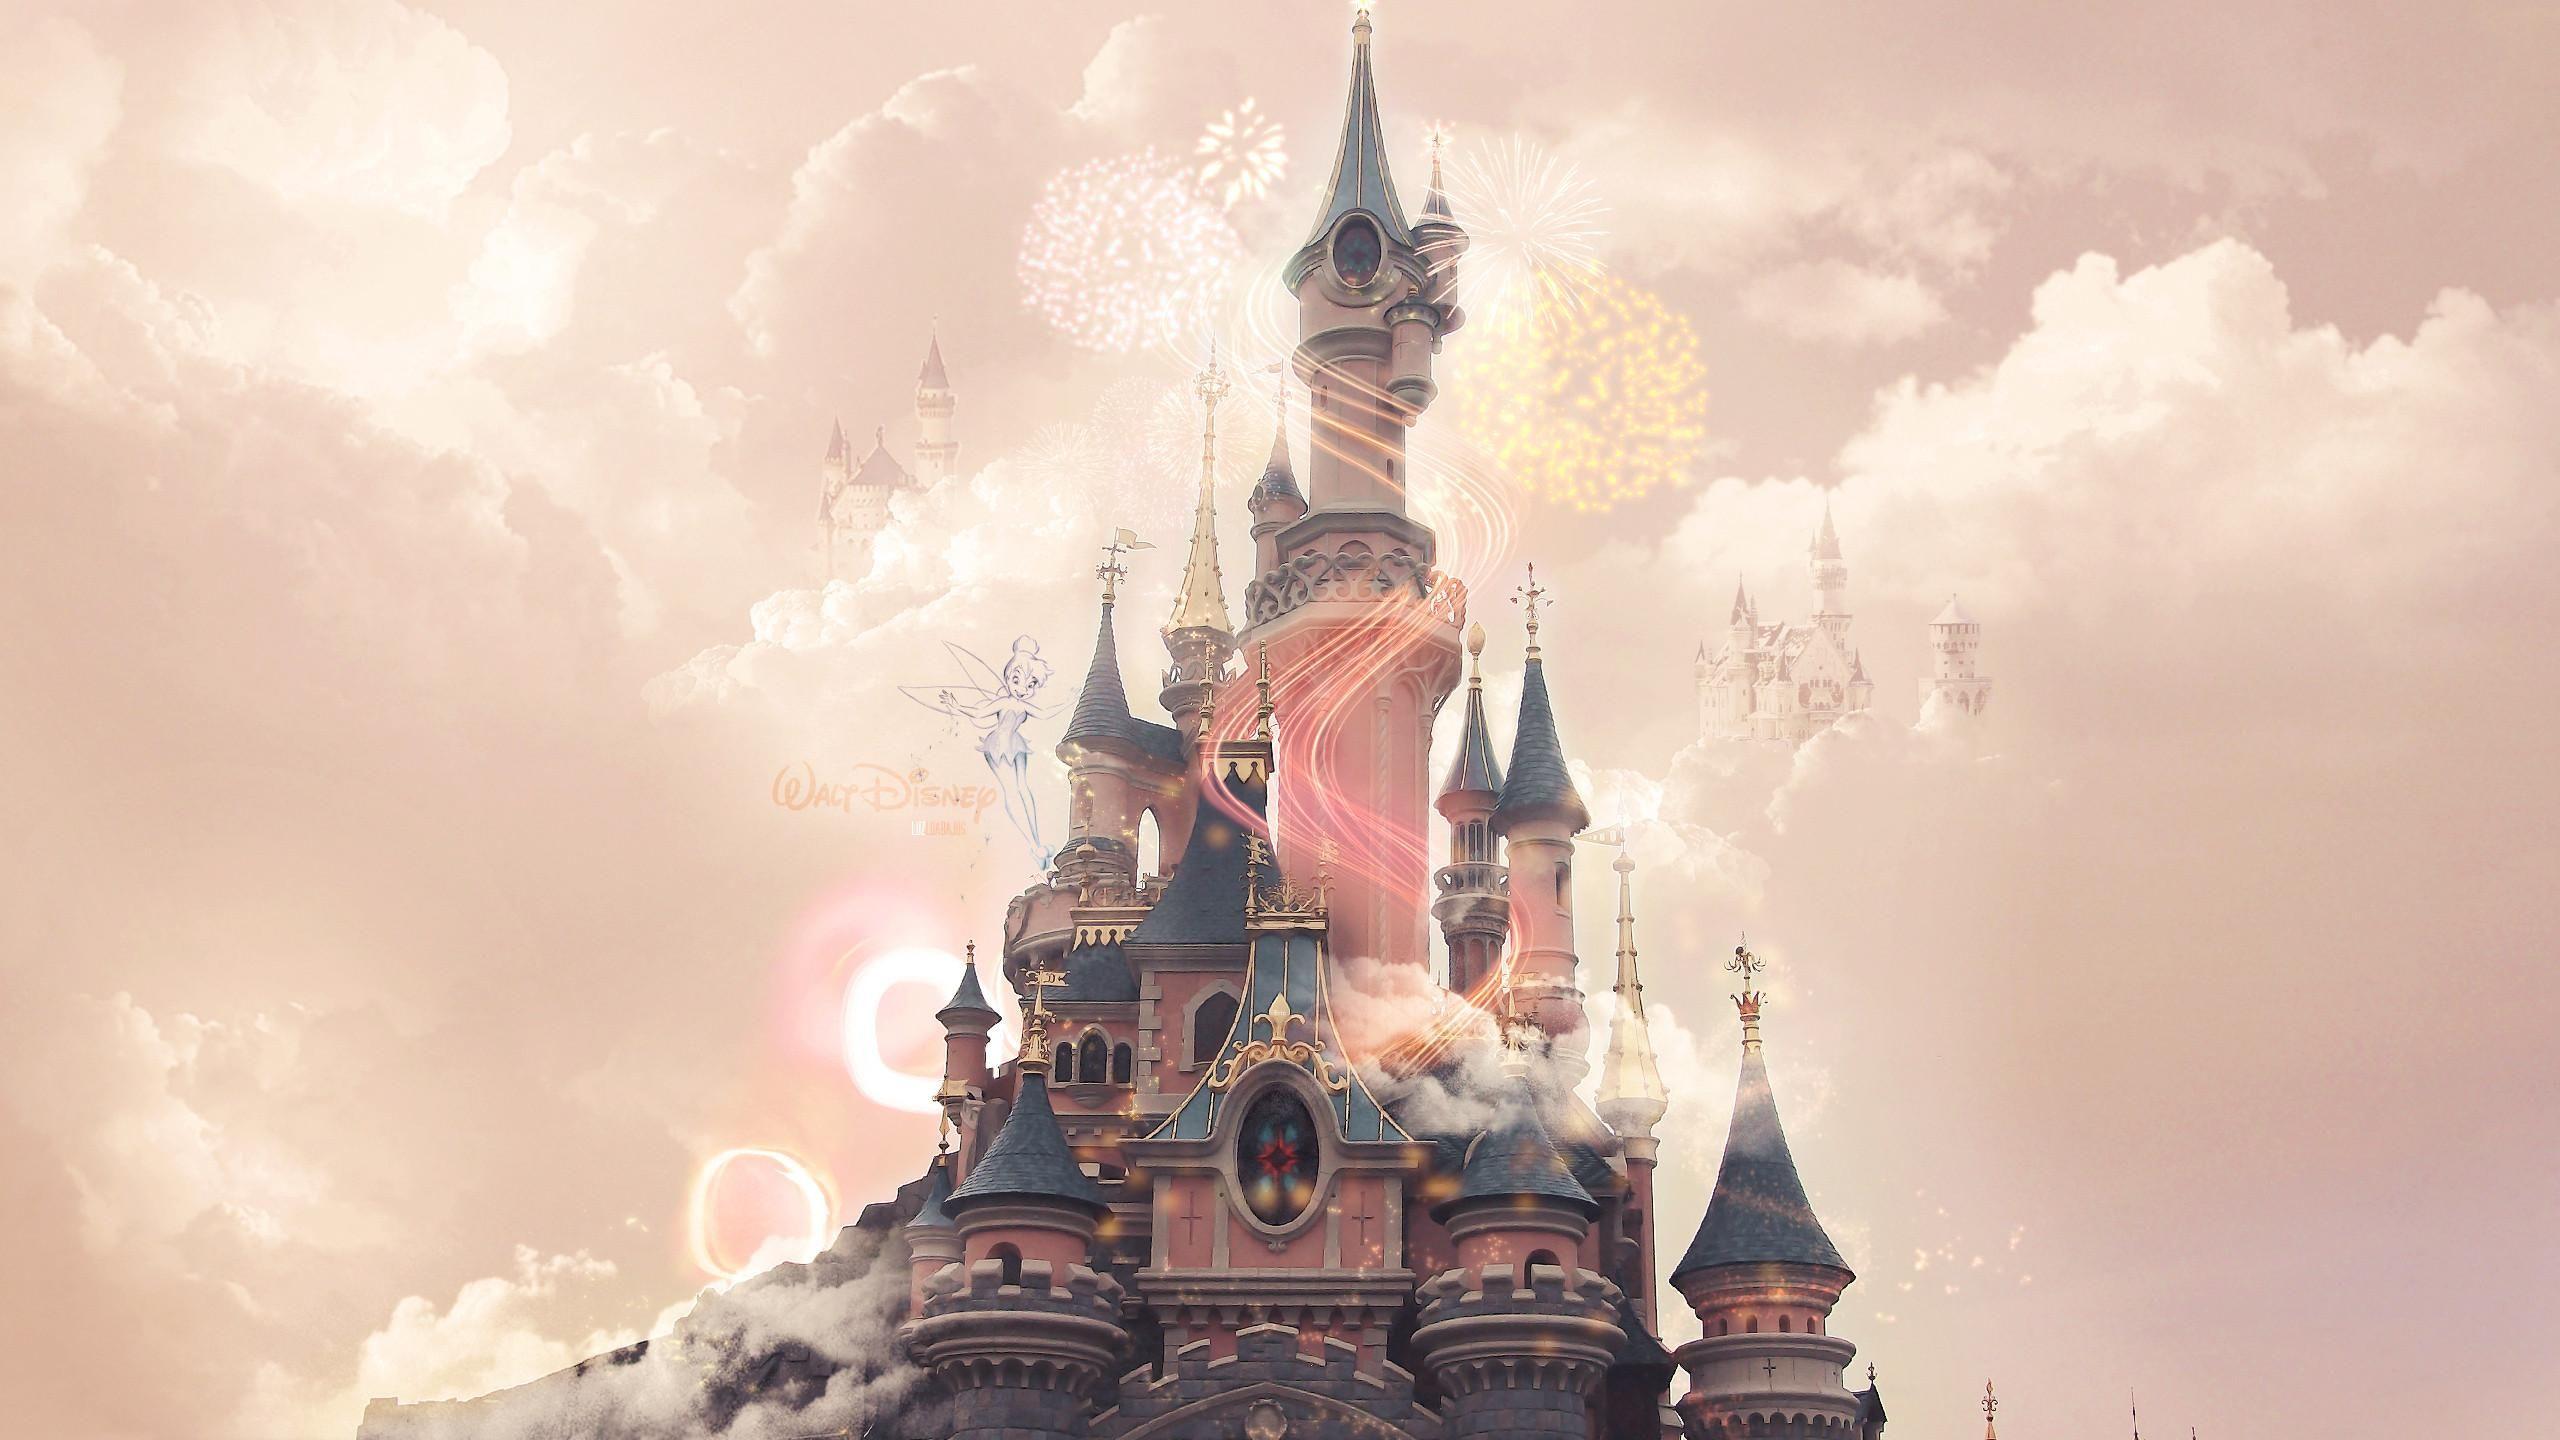 Pin De Valerie Rivas Em Summertime Papel De Parede Para Iphone Disney Papel De Parede Fofo Disney Imagem De Fundo De Computador